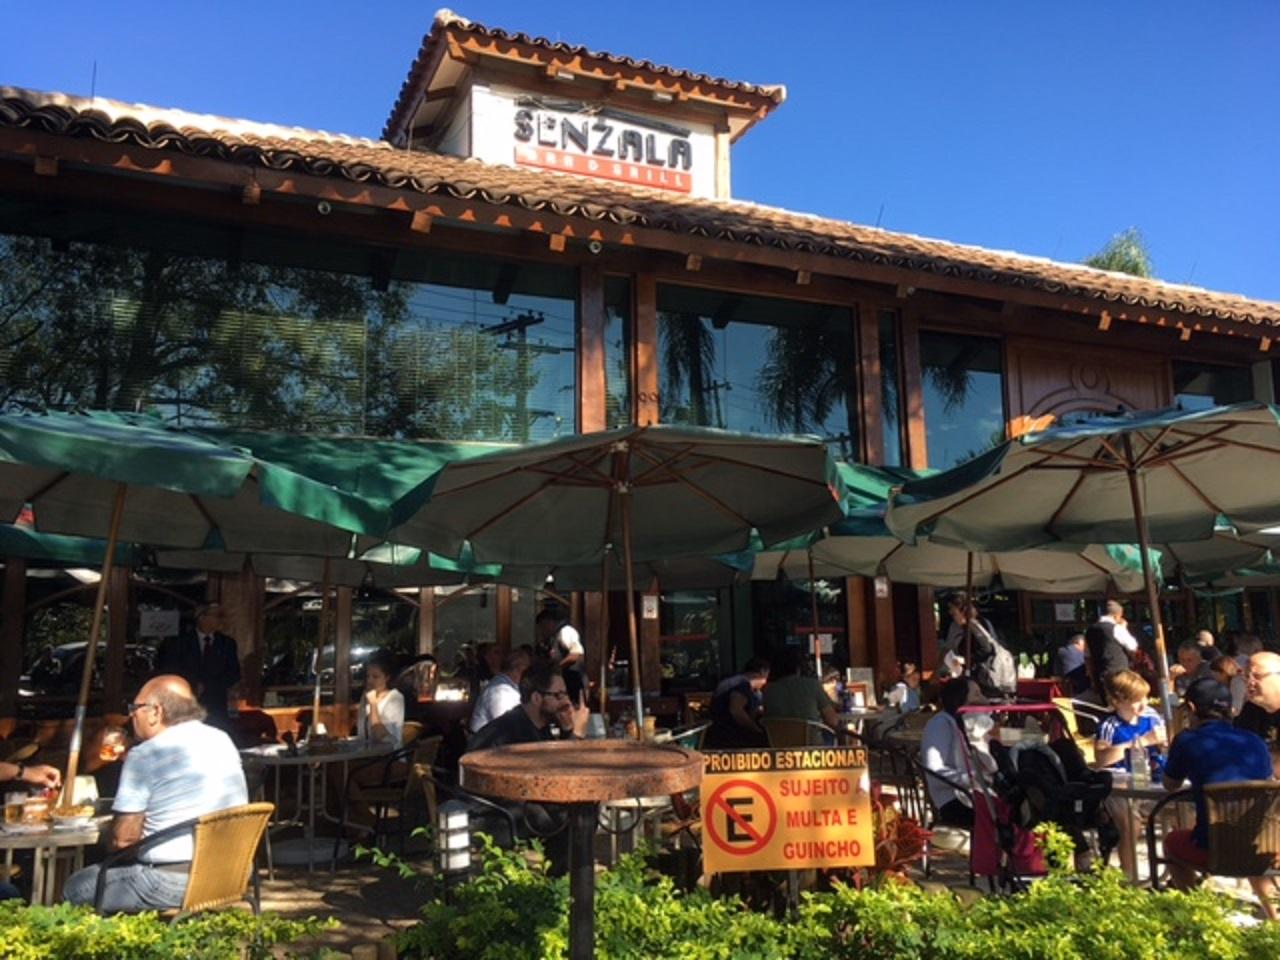 Fachada do restaurante Senzala, no Alto Pinheiros, em São Paulo. Foto Adriana Barsotti